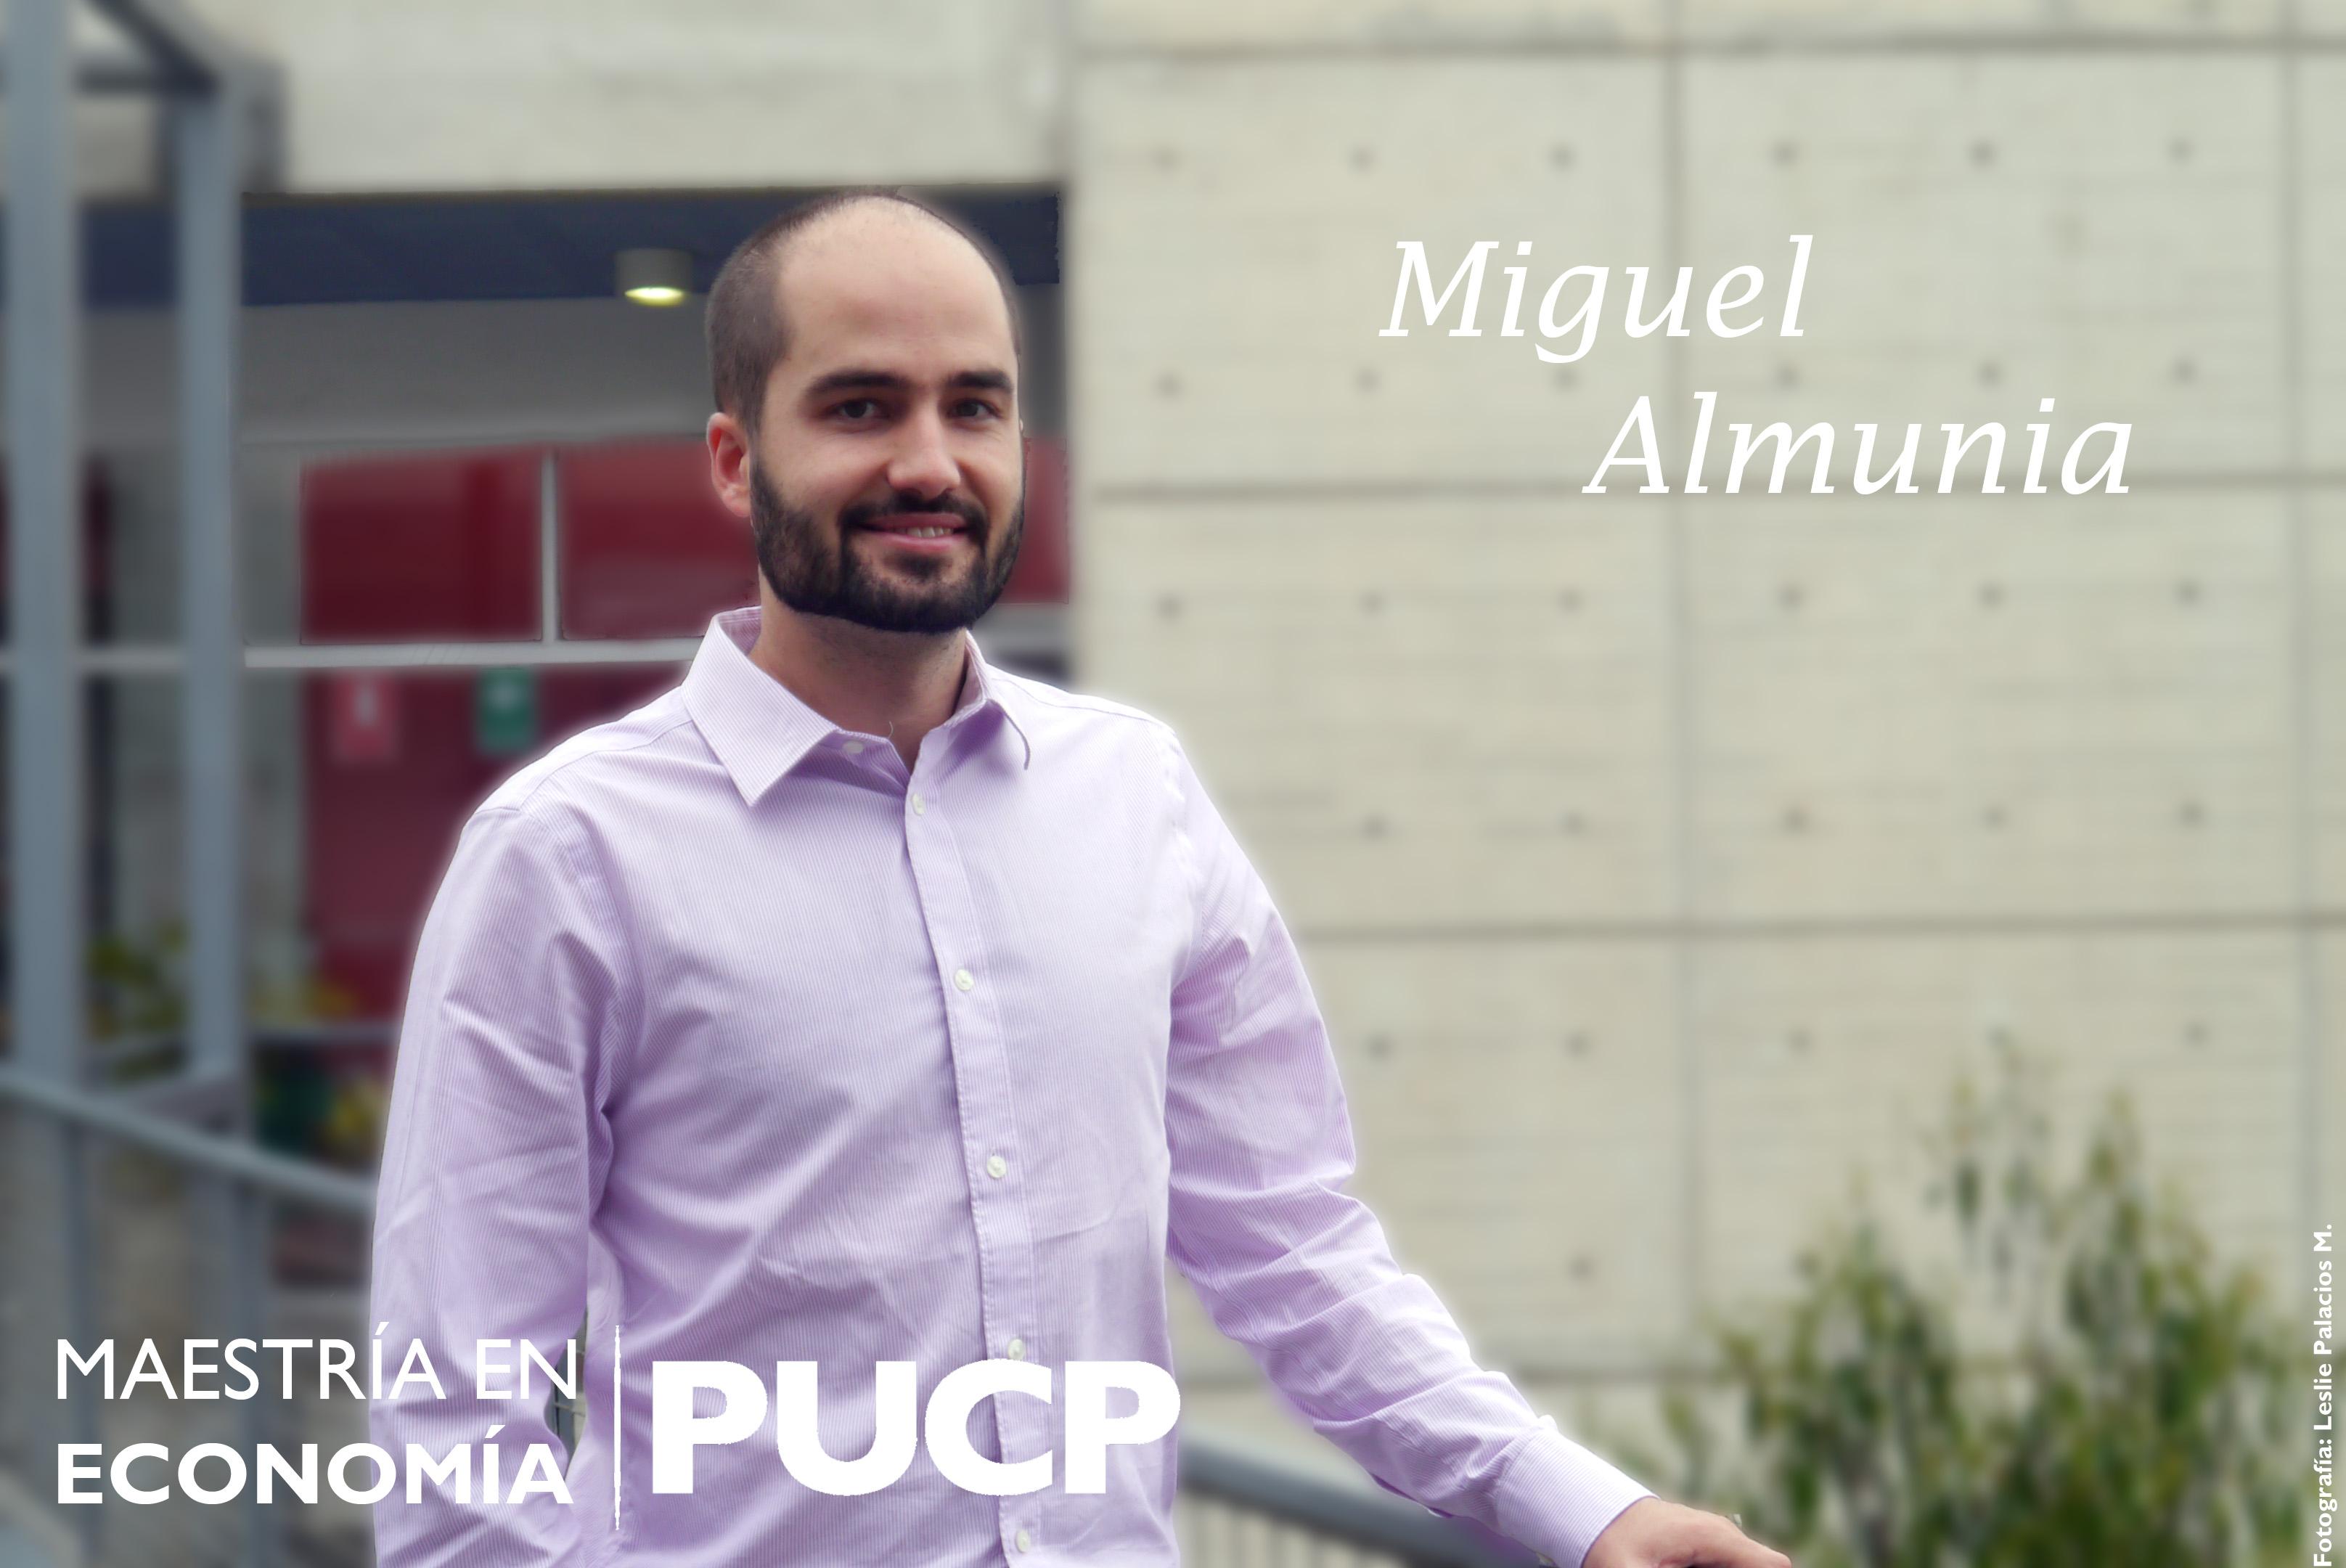 20130708-miguel_almunia_1_-1-.jpg